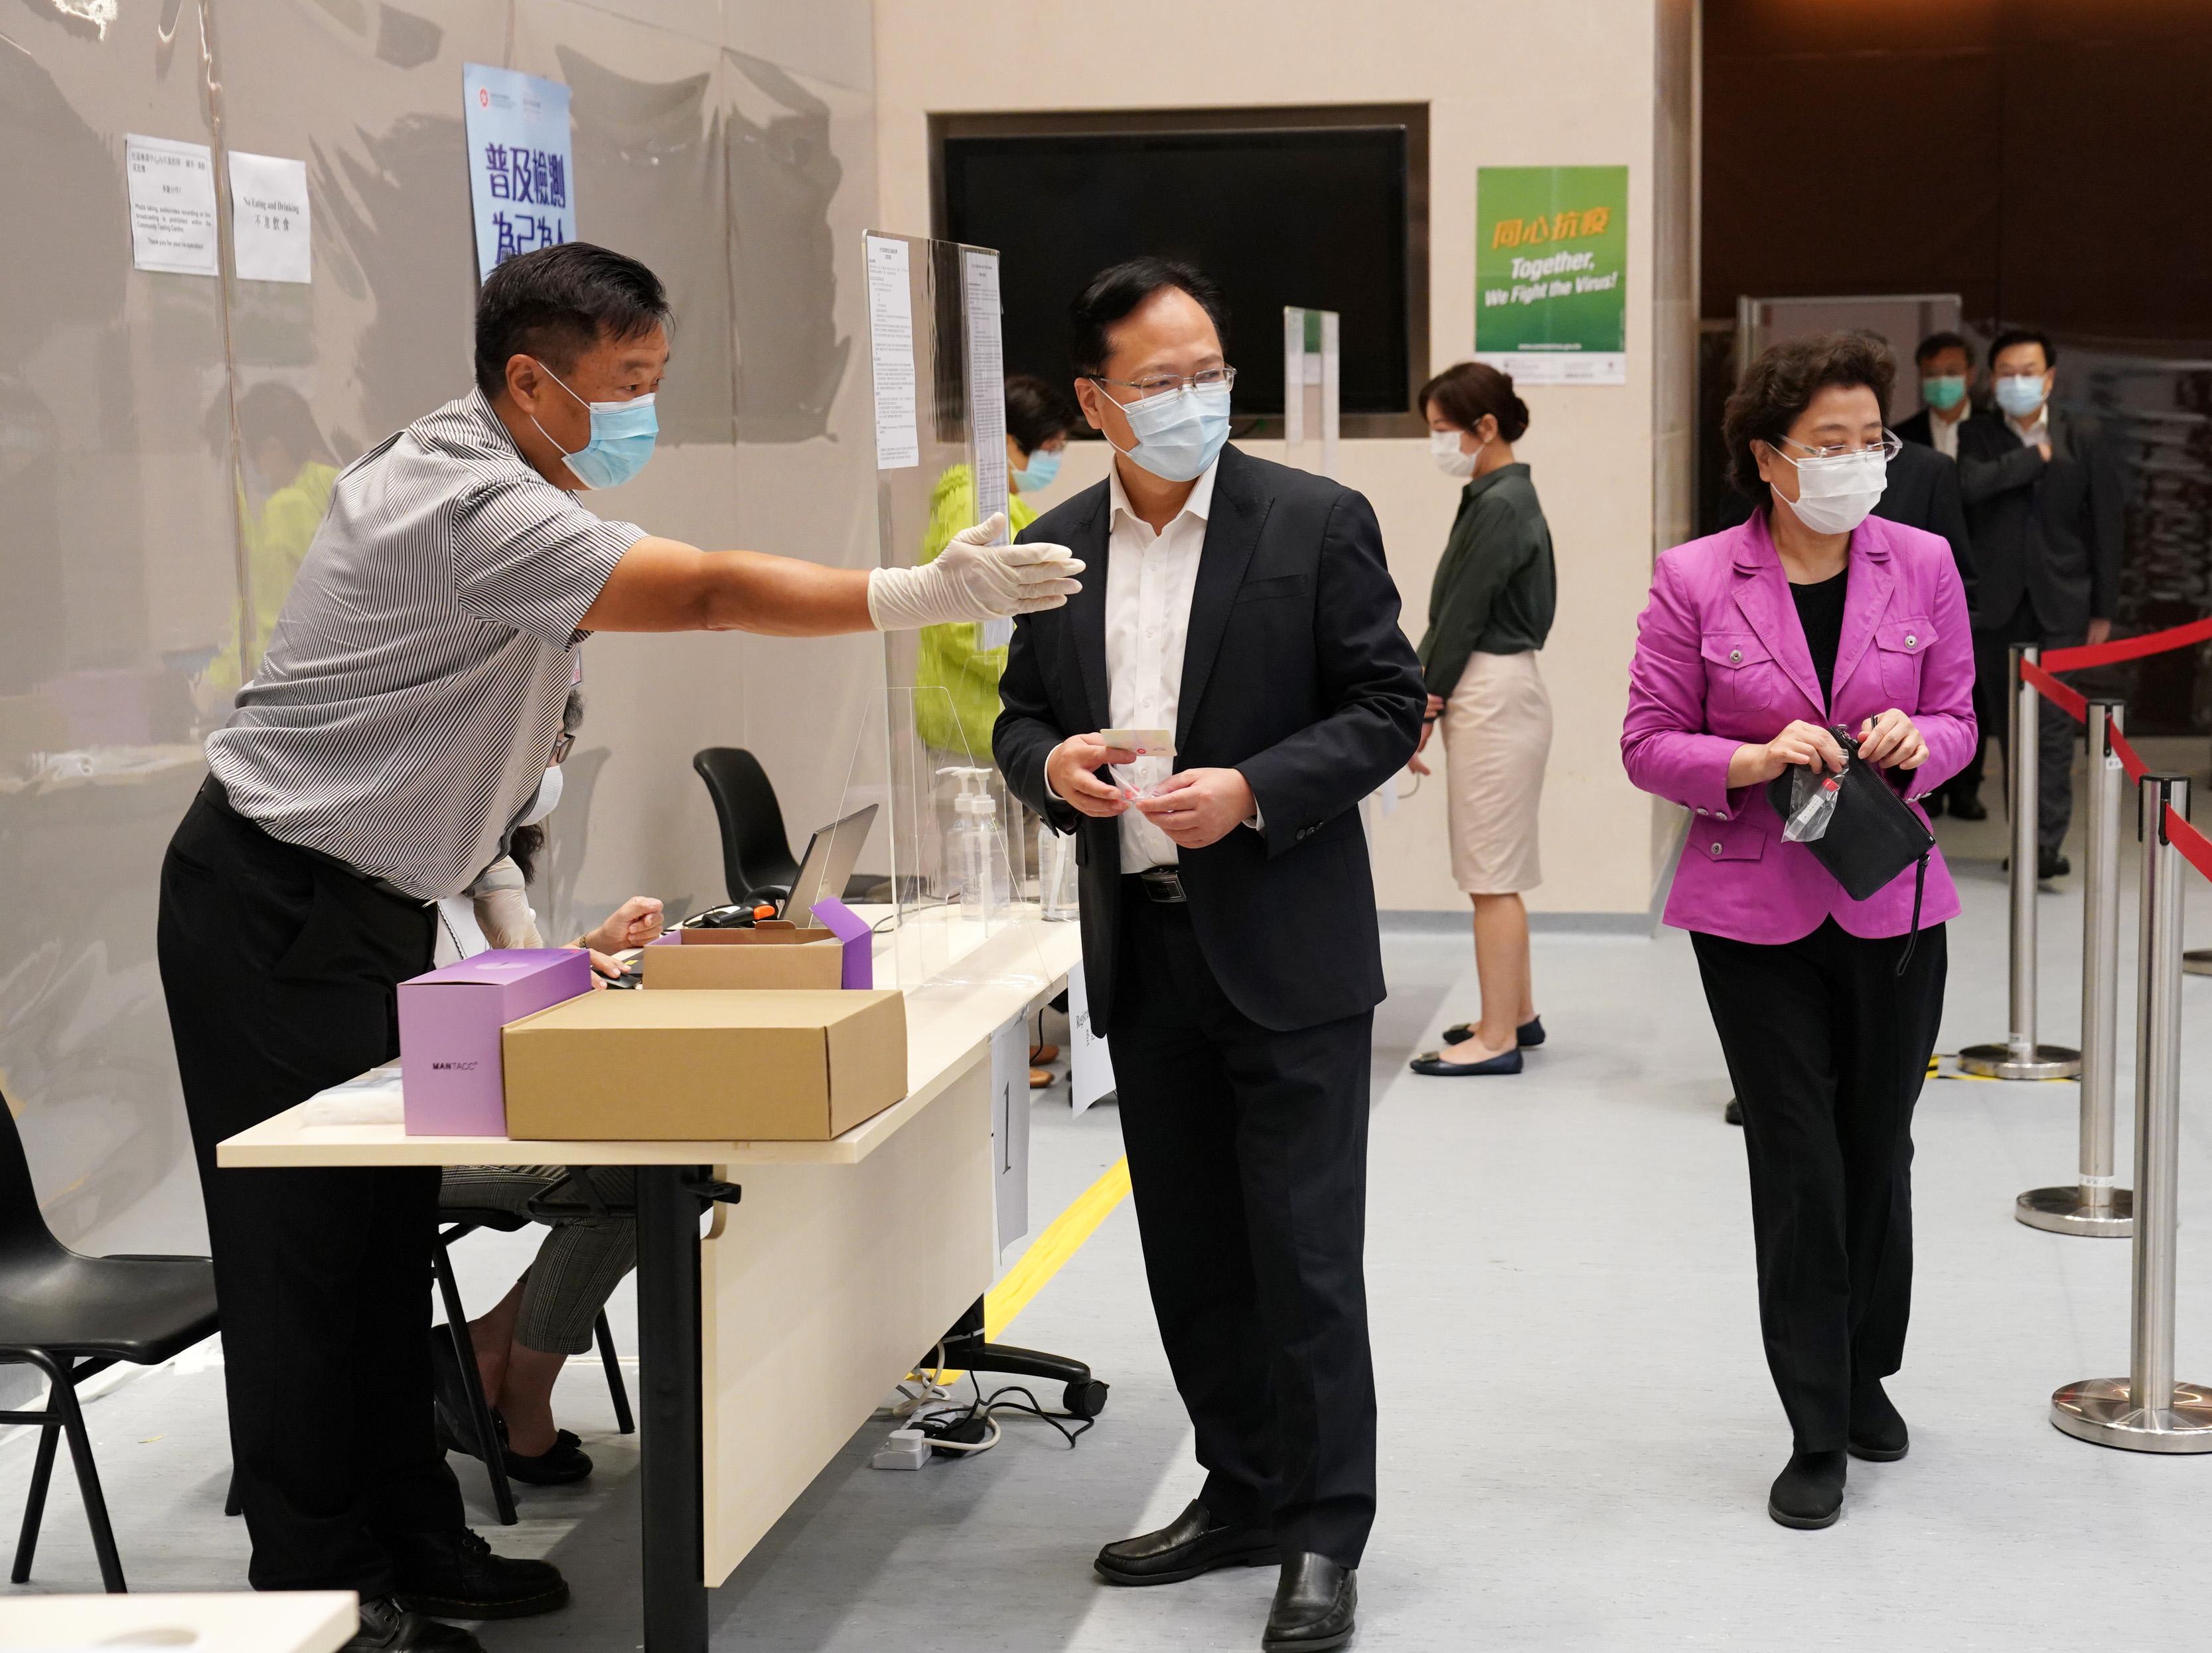 中聯辦副主任陳冬、仇鴻、盧新寧、何靖,秘書長文宏武在特區政府總部檢測點進行核酸採樣。(圖片來源:新華社)